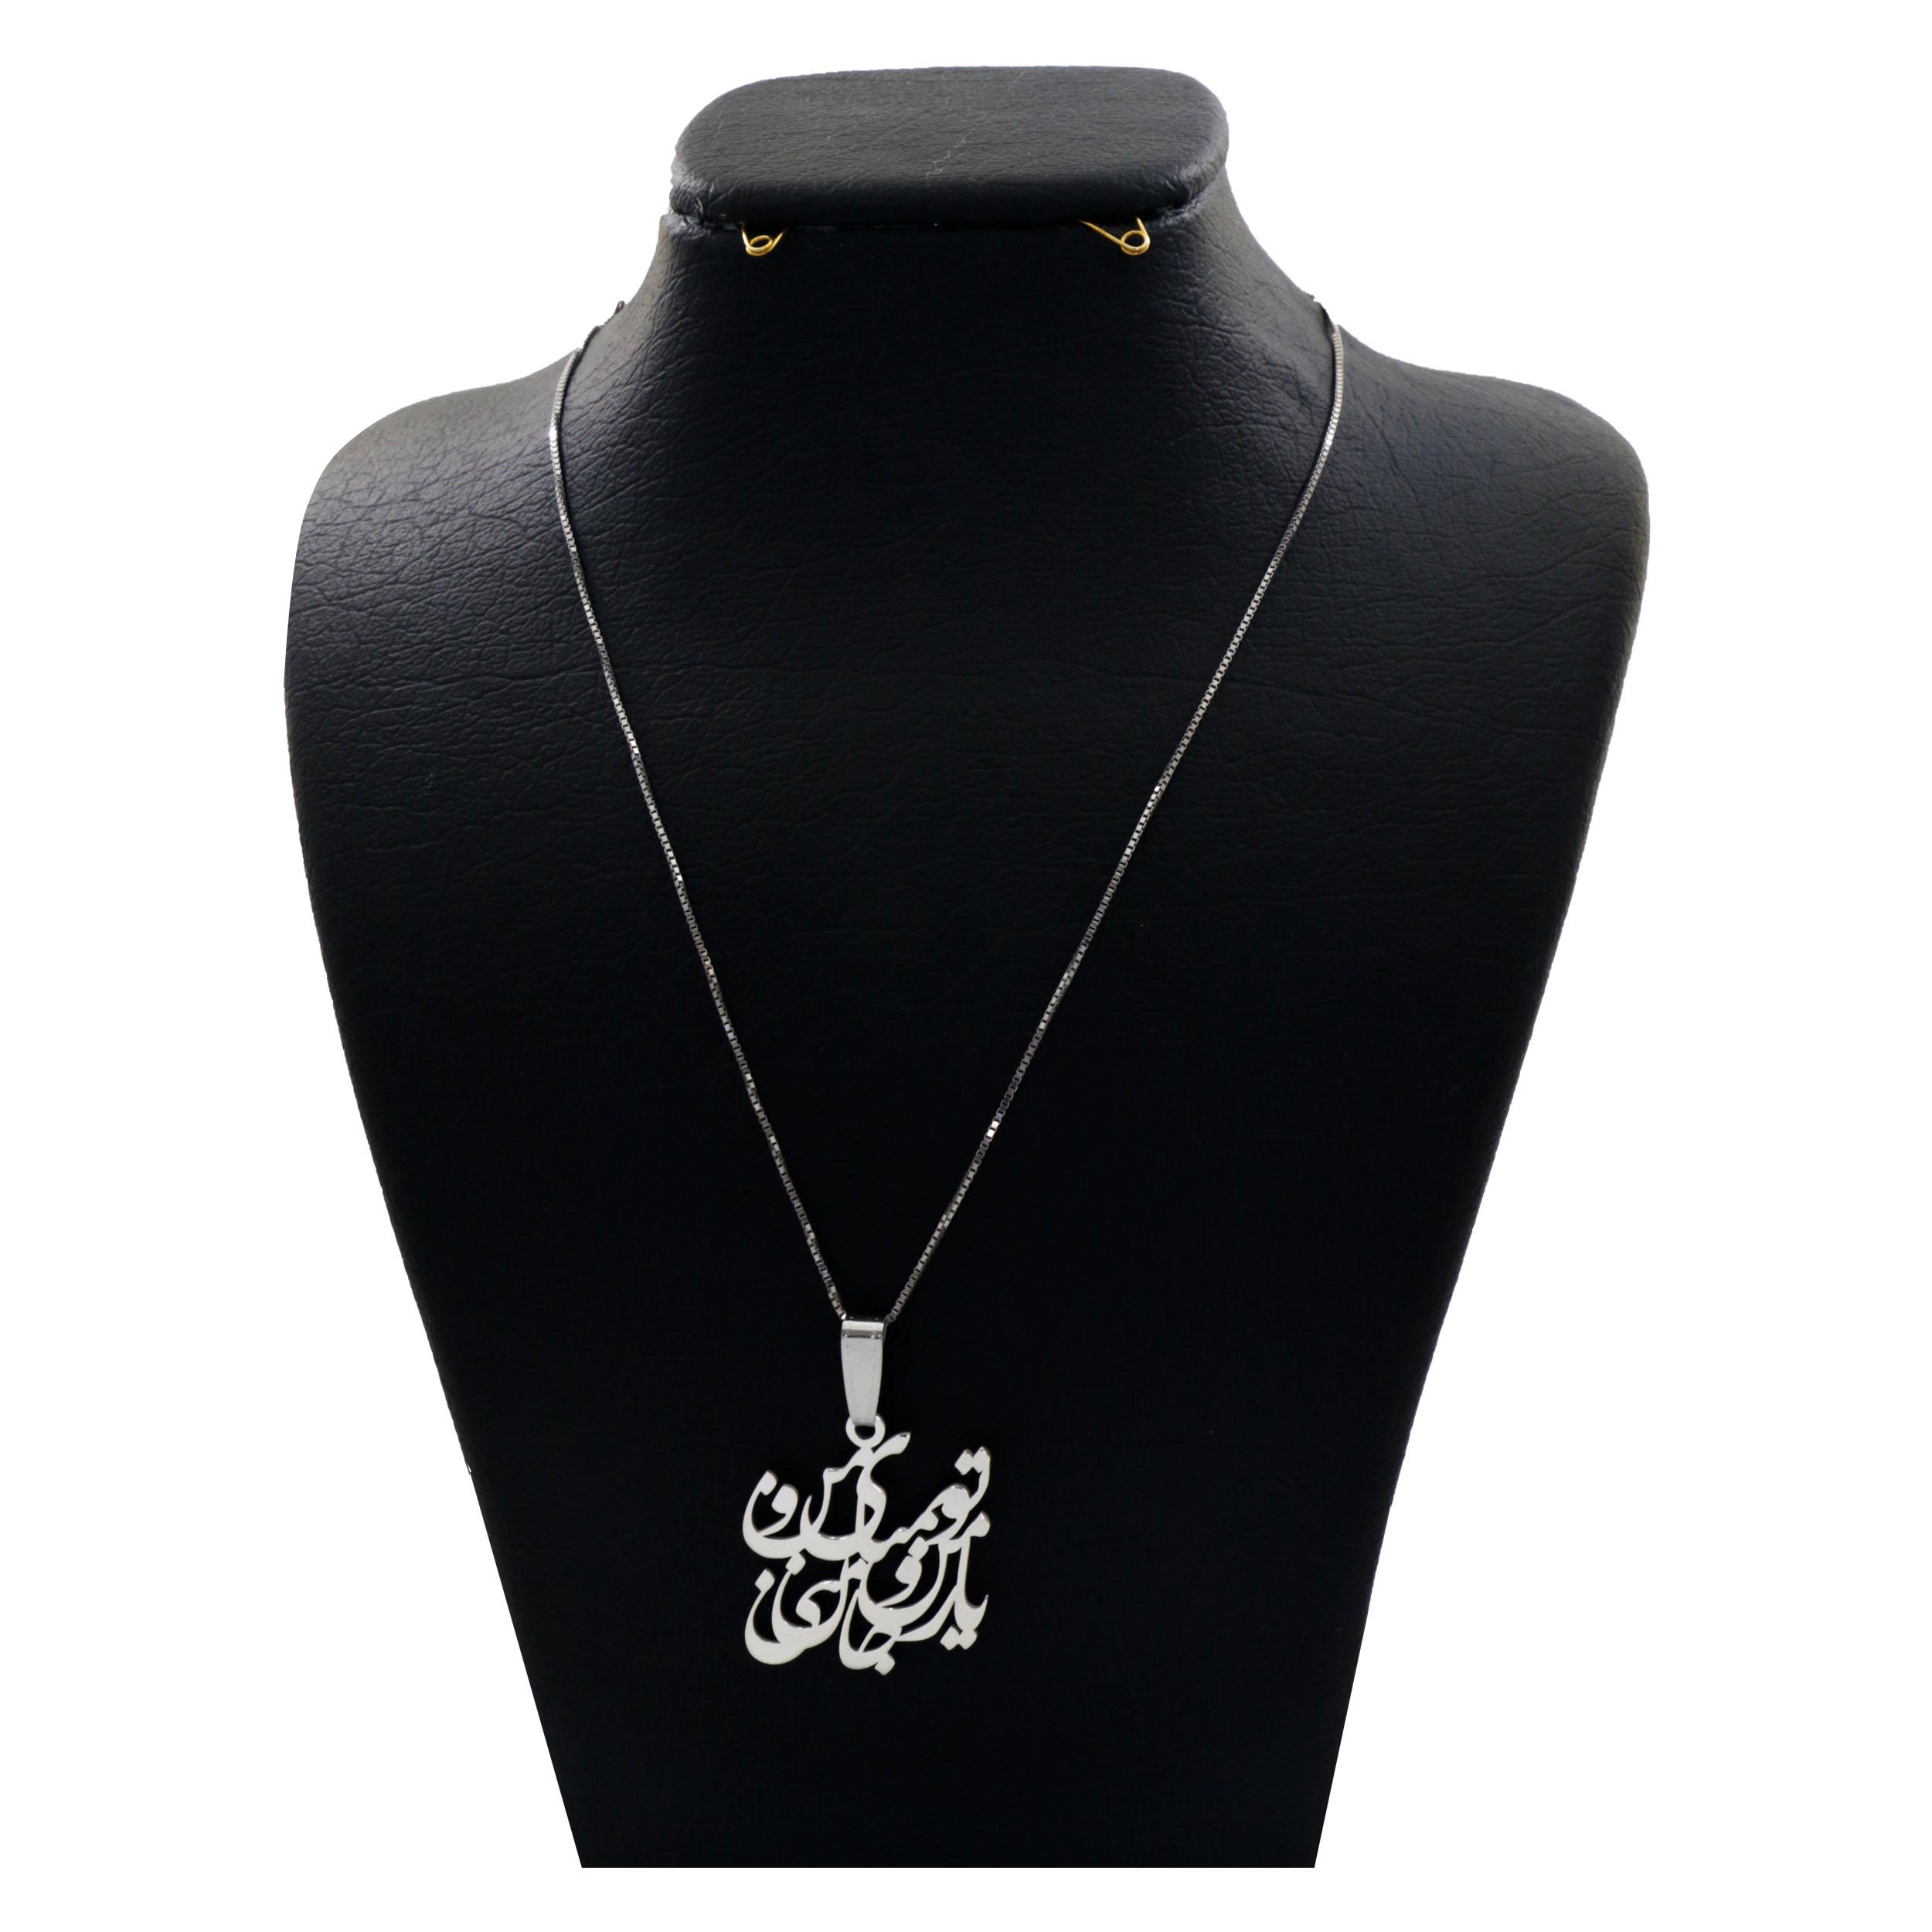 گردنبند نقره زنانه دلی جم طرح تو تمنای منو یار منو جان منی کد D 94